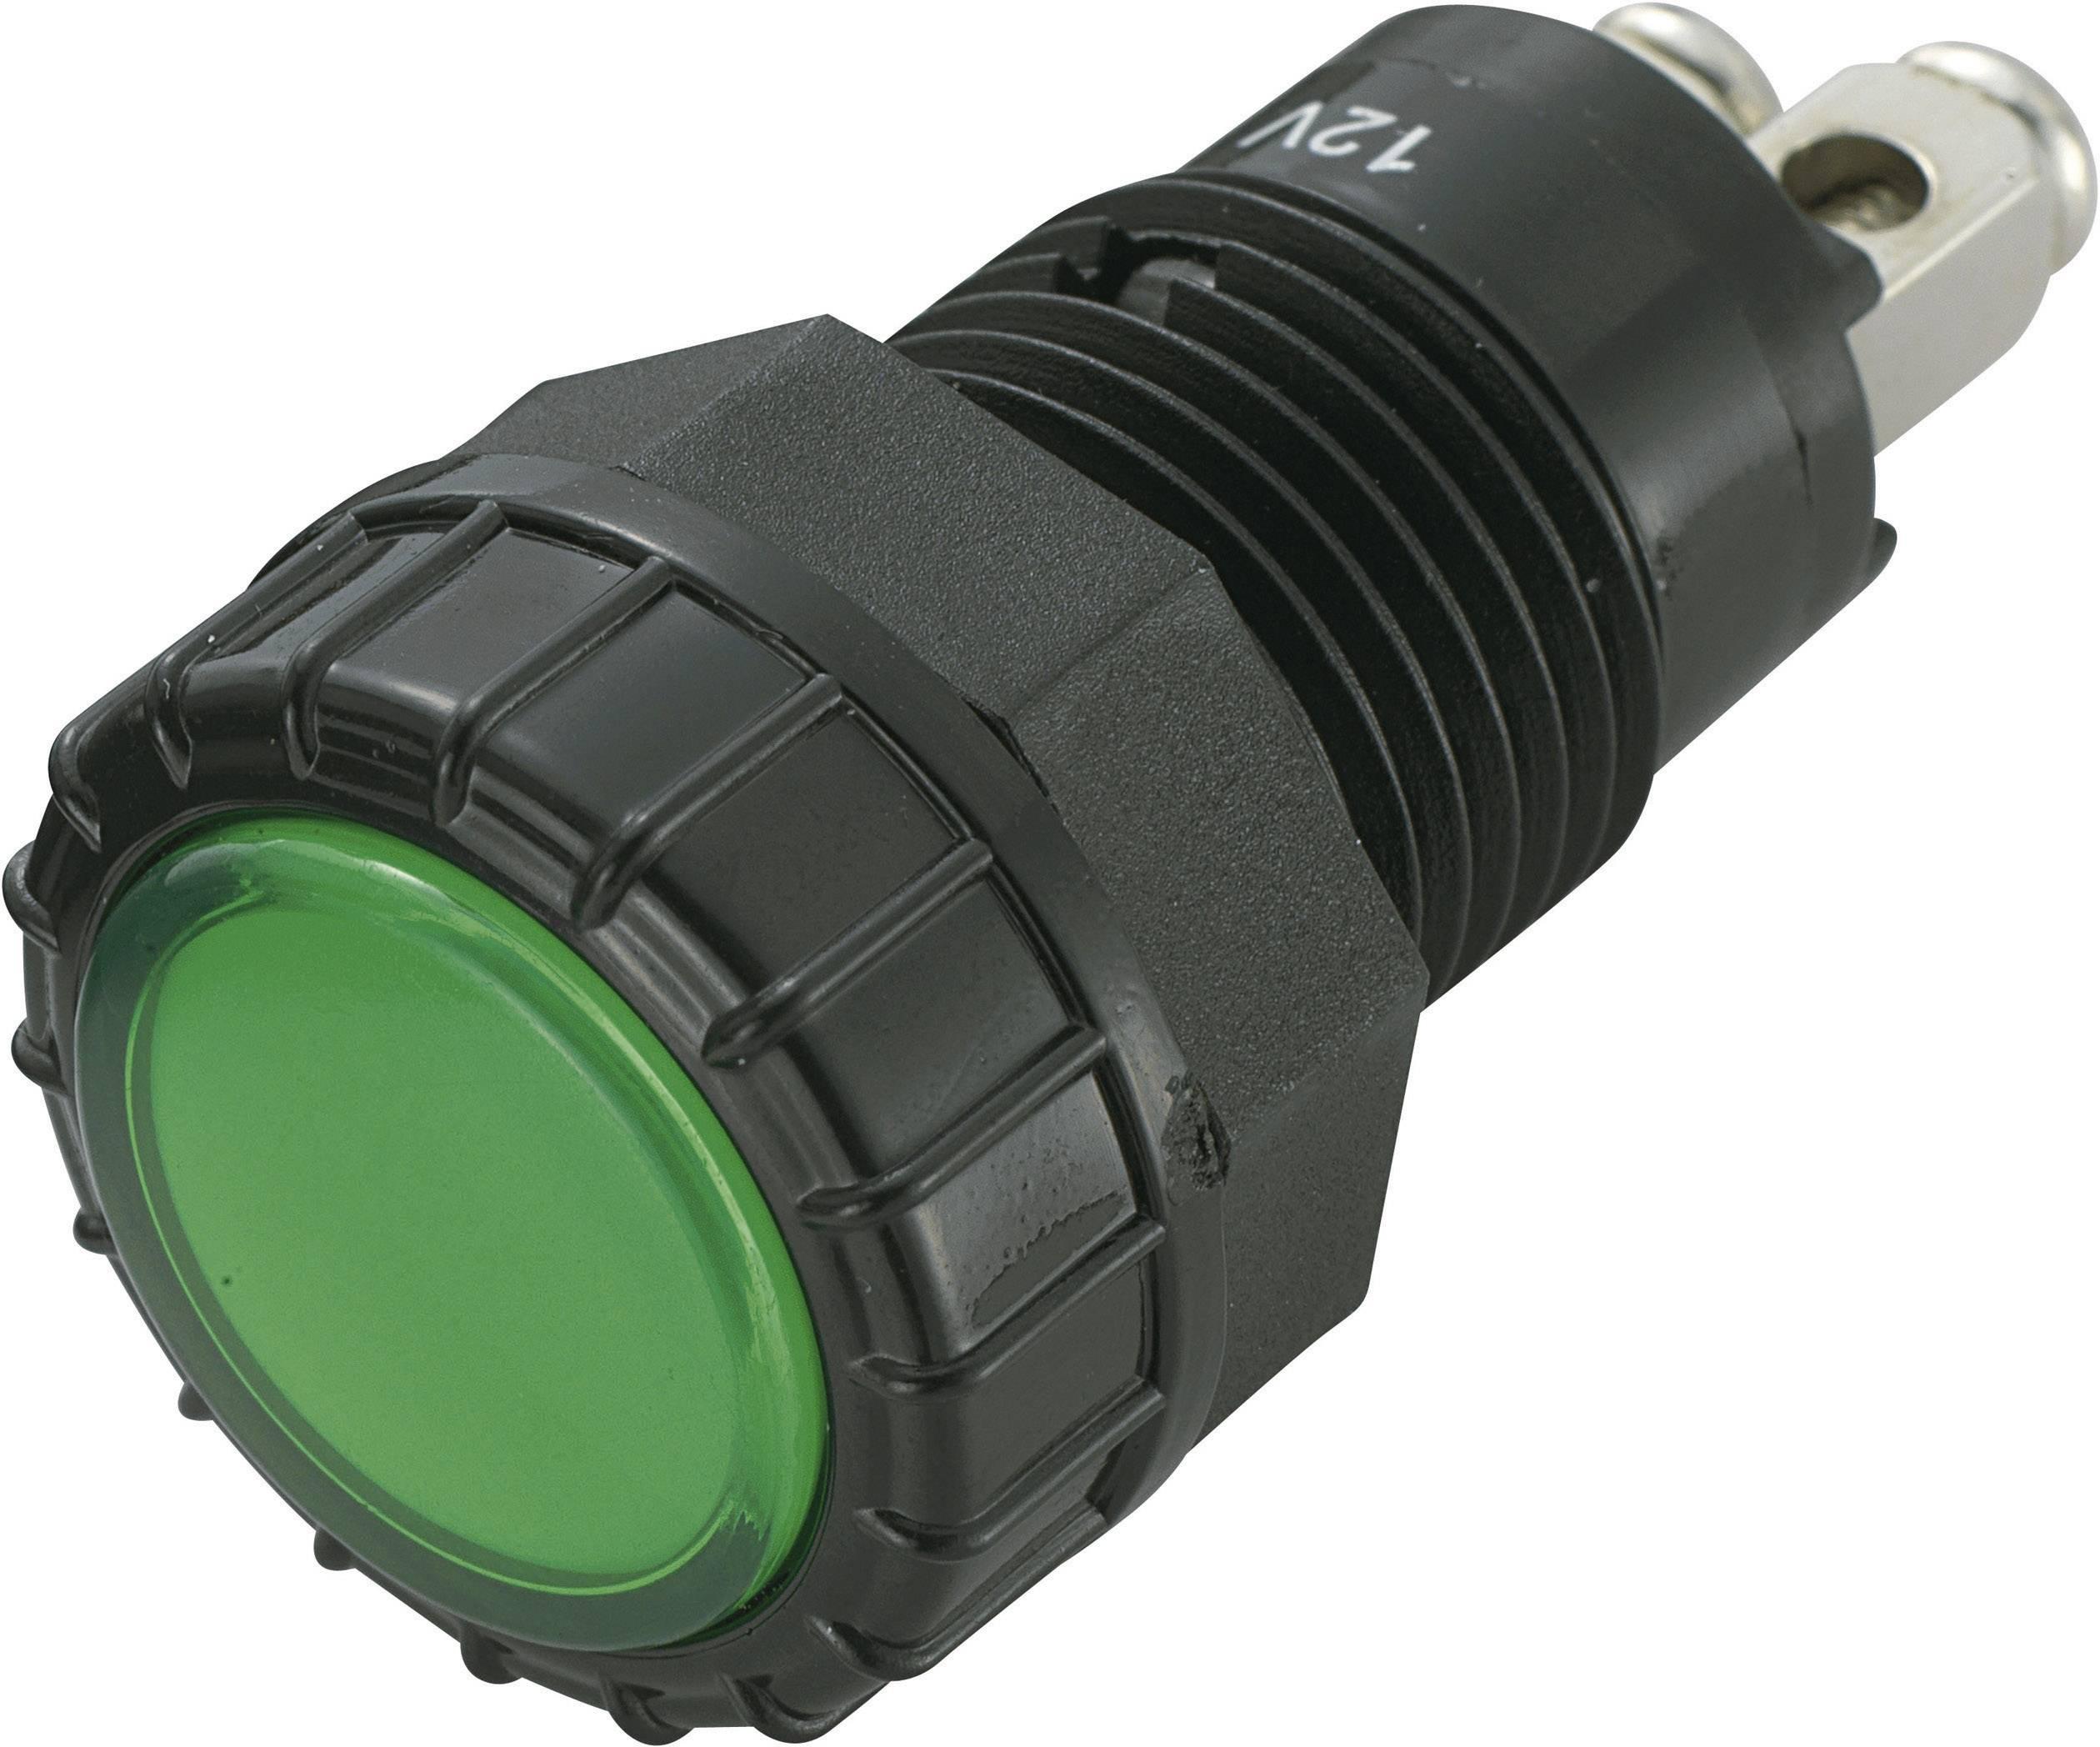 LED signálka SCI R9-122L1-06-BGG4, 12 V/DC, zelená, 1 balení